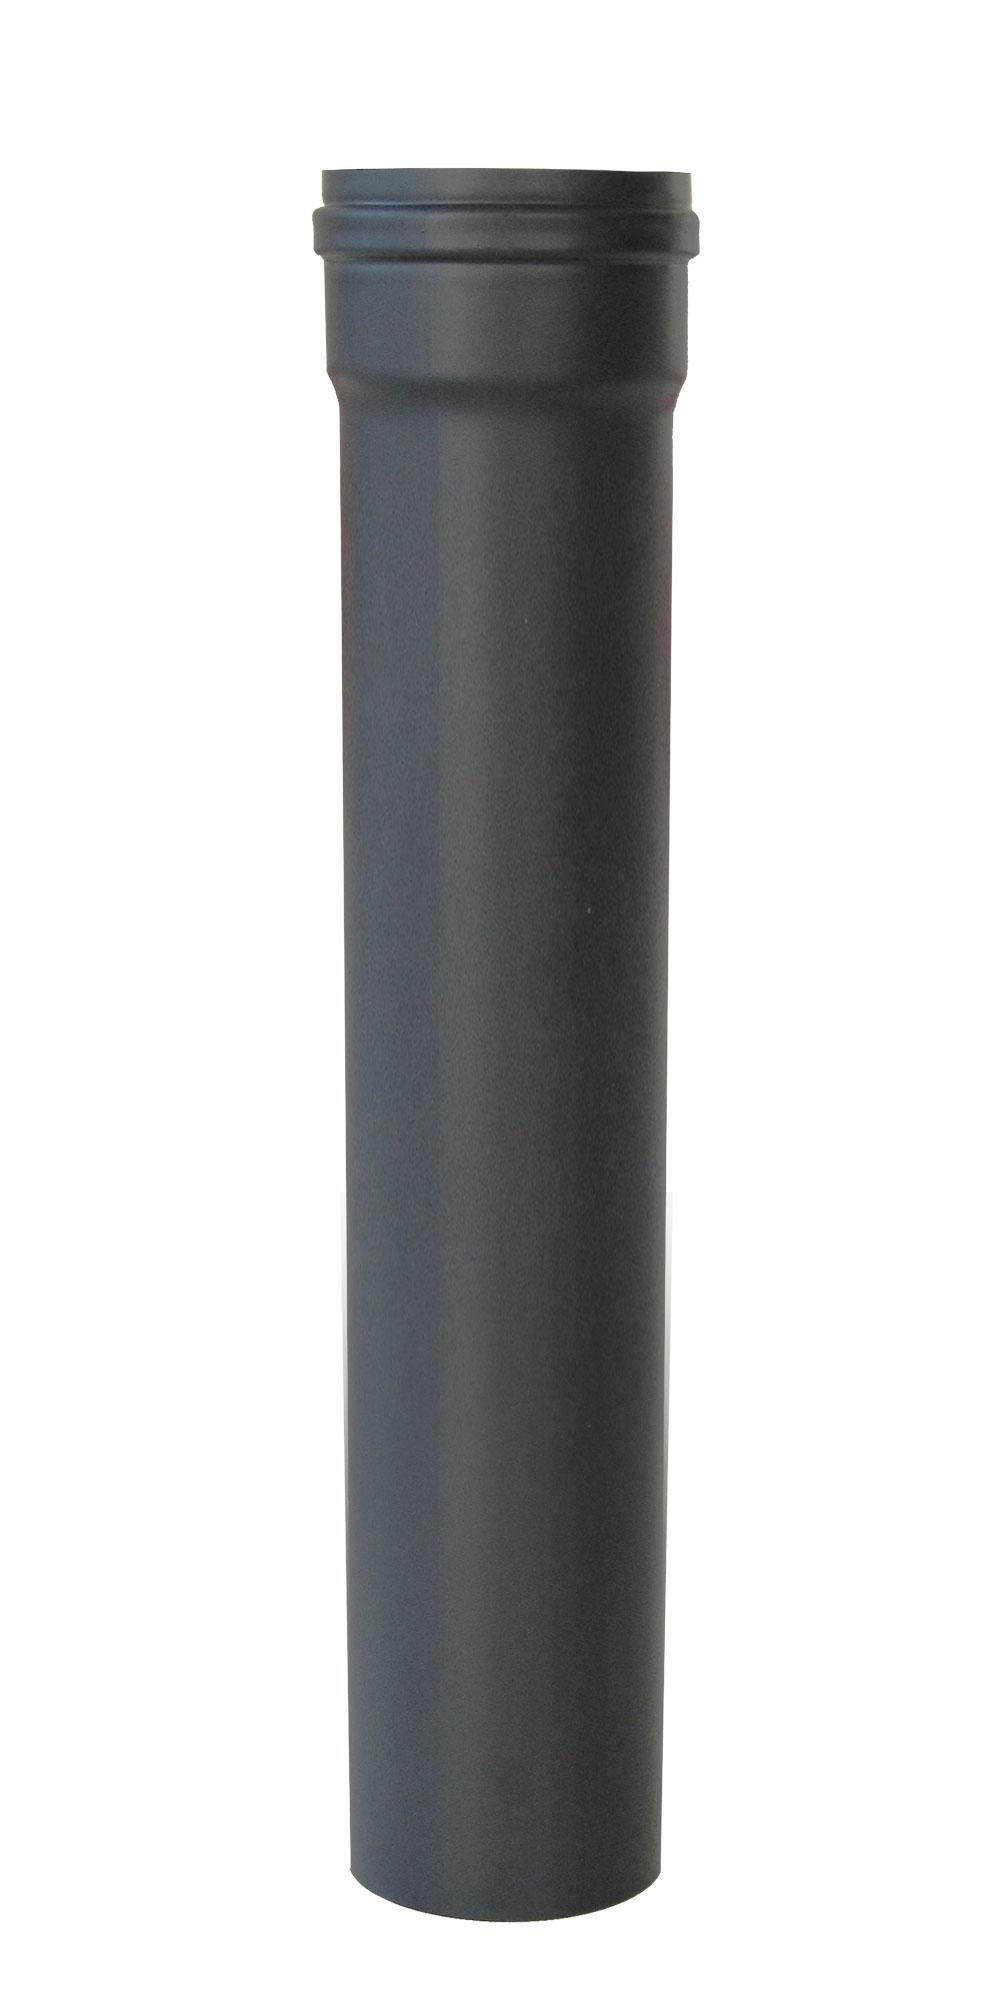 Ofenrohr für Pelletofen Senotherm 0,8mm grau Ø100mm Länge 500mm Bild 2